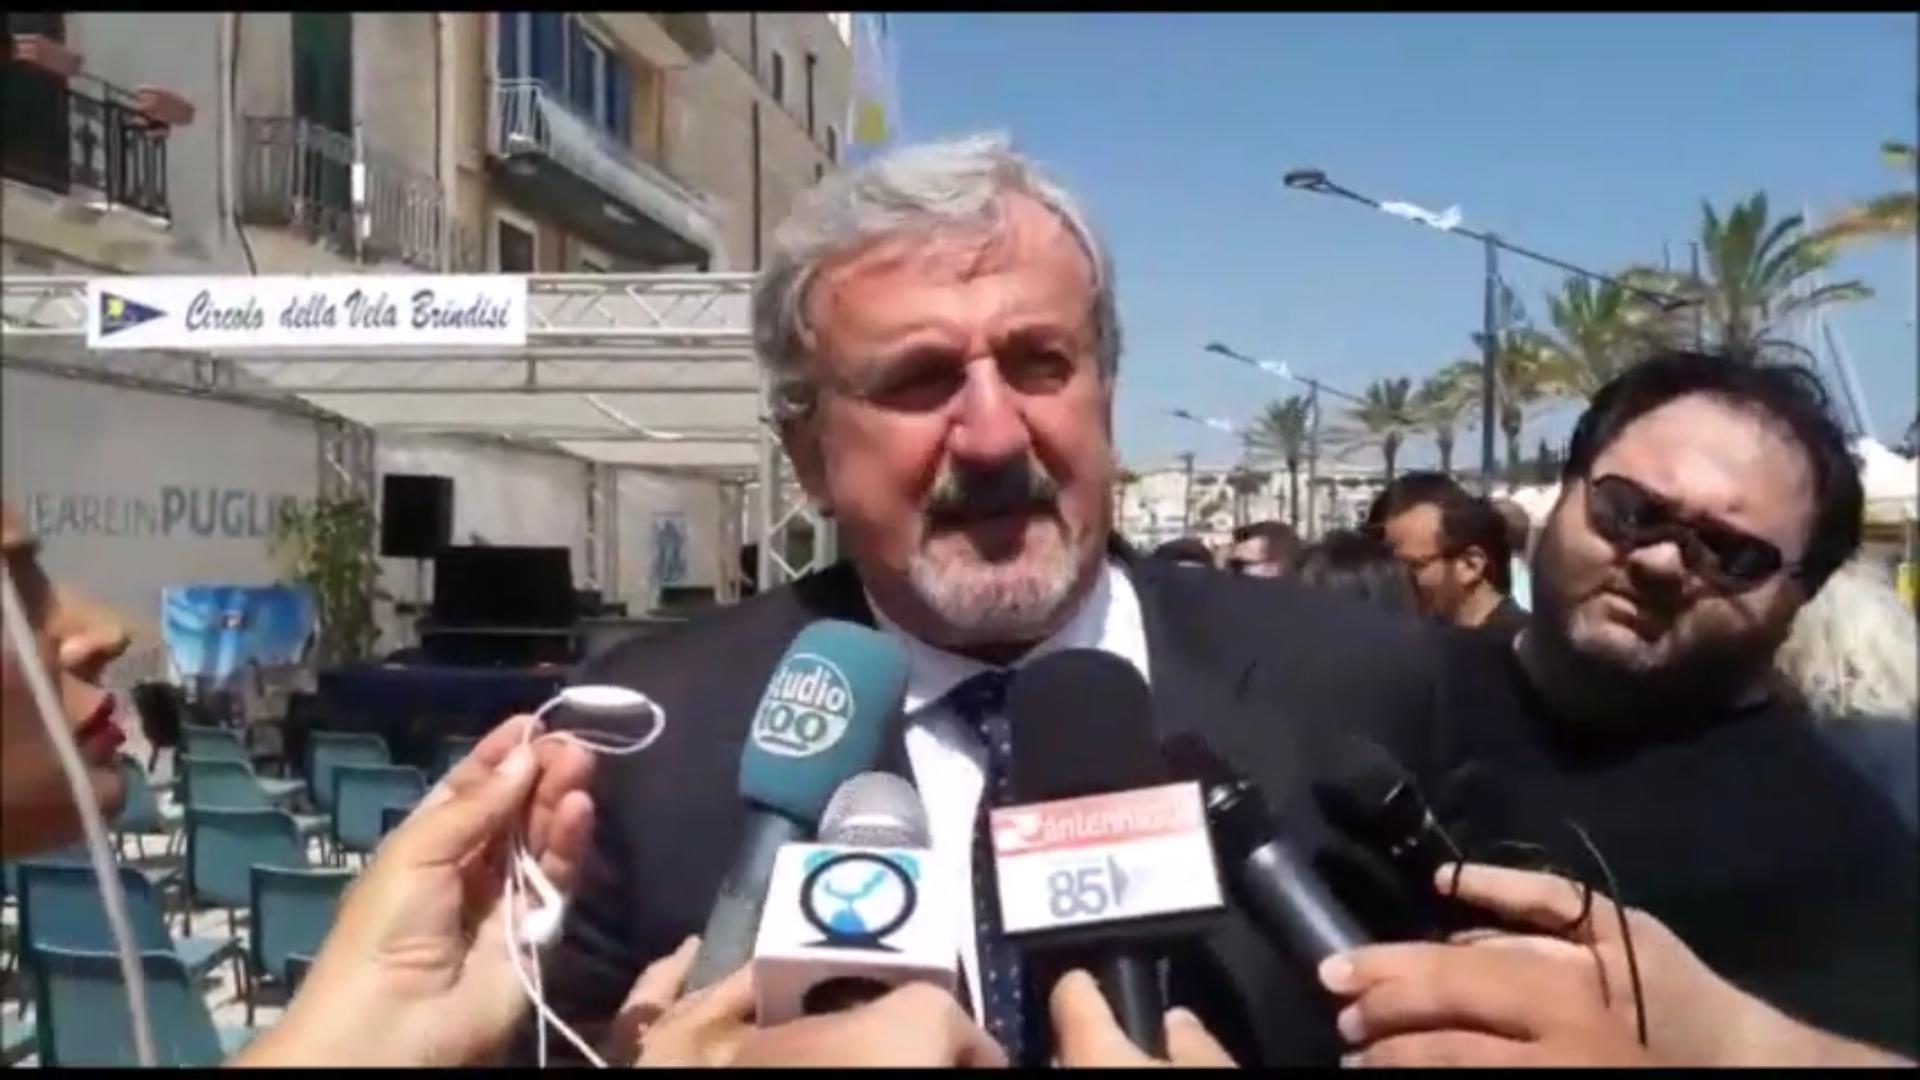 Emiliano stravince in tutti i capoluoghi tranne a Brindisi. Disaffezione verso le politiche regionali